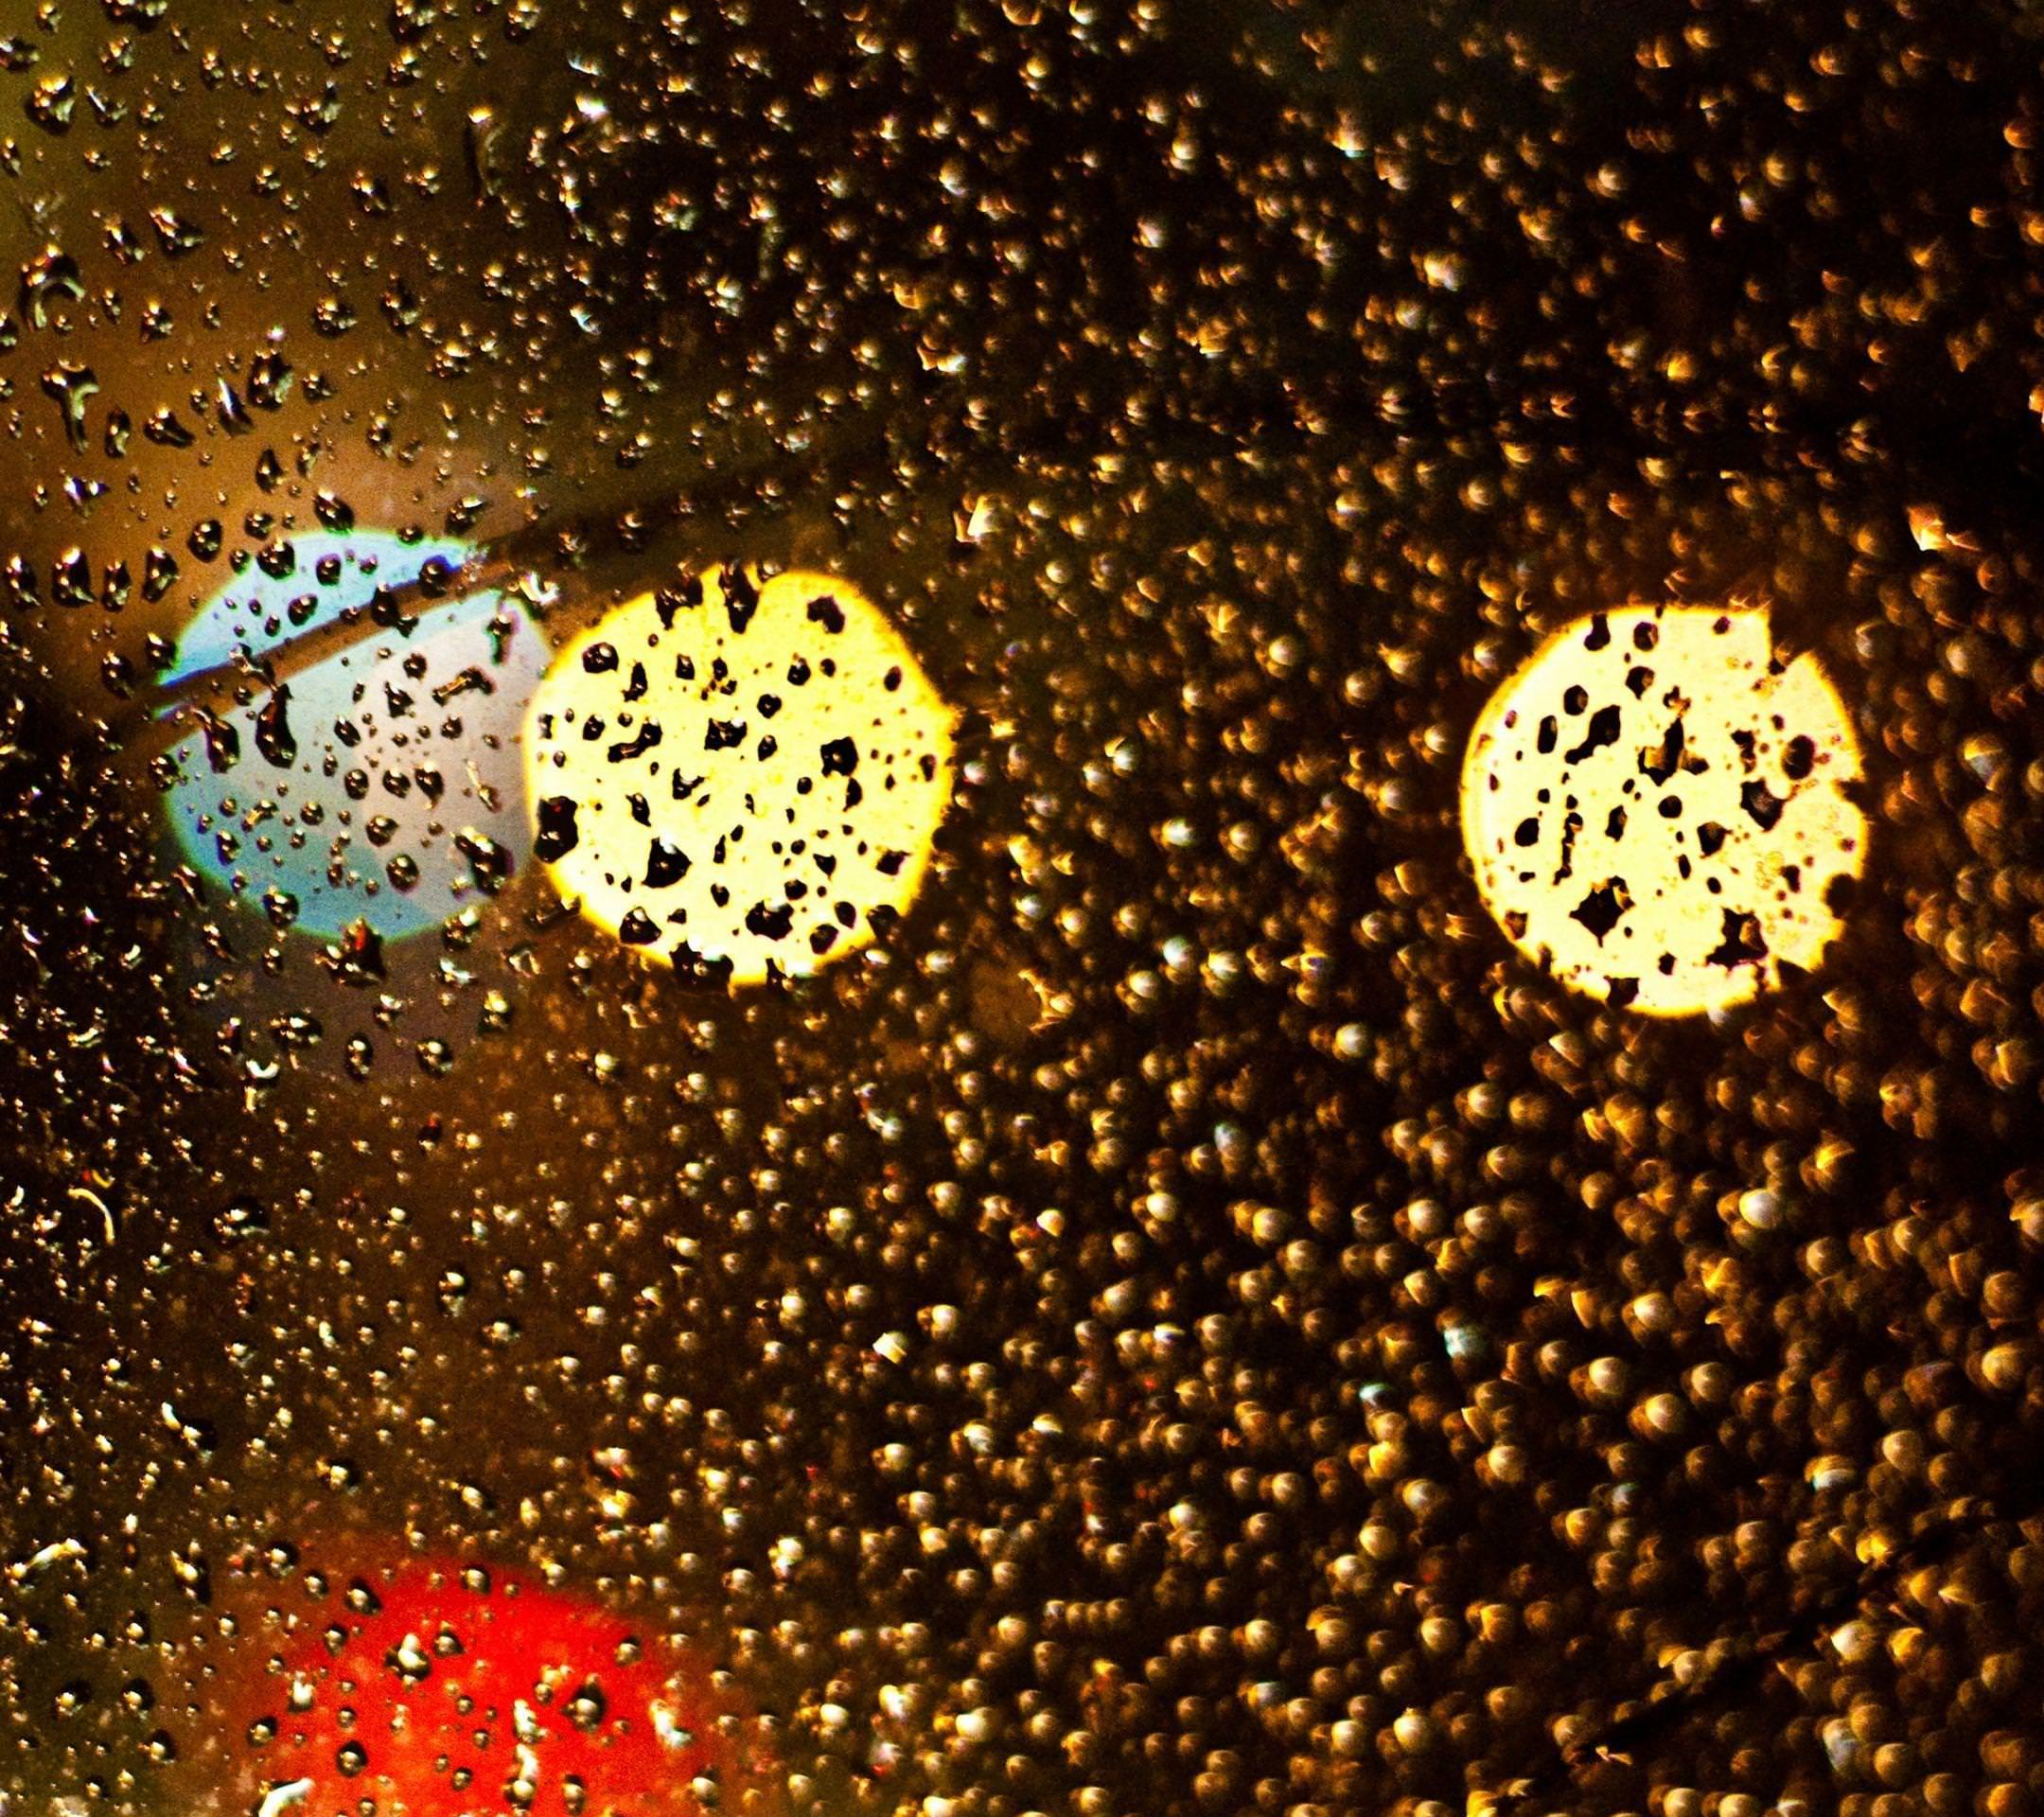 65 651438 gambar bagus untuk wallpaper android gudang wallpaper blur